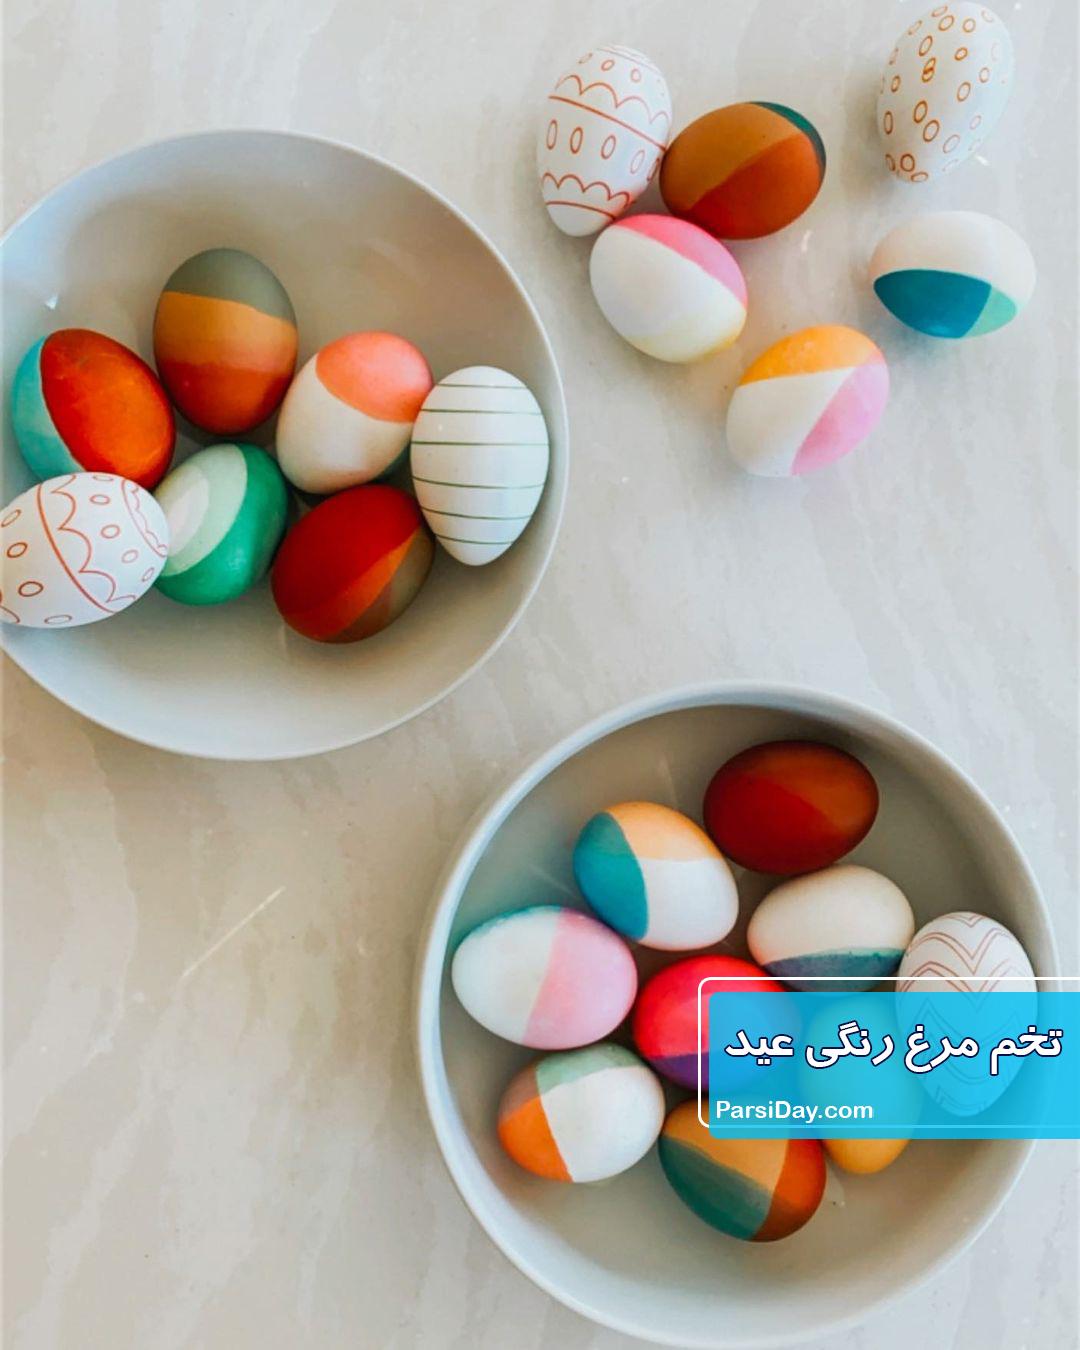 مدل تخم مرغ رنگی